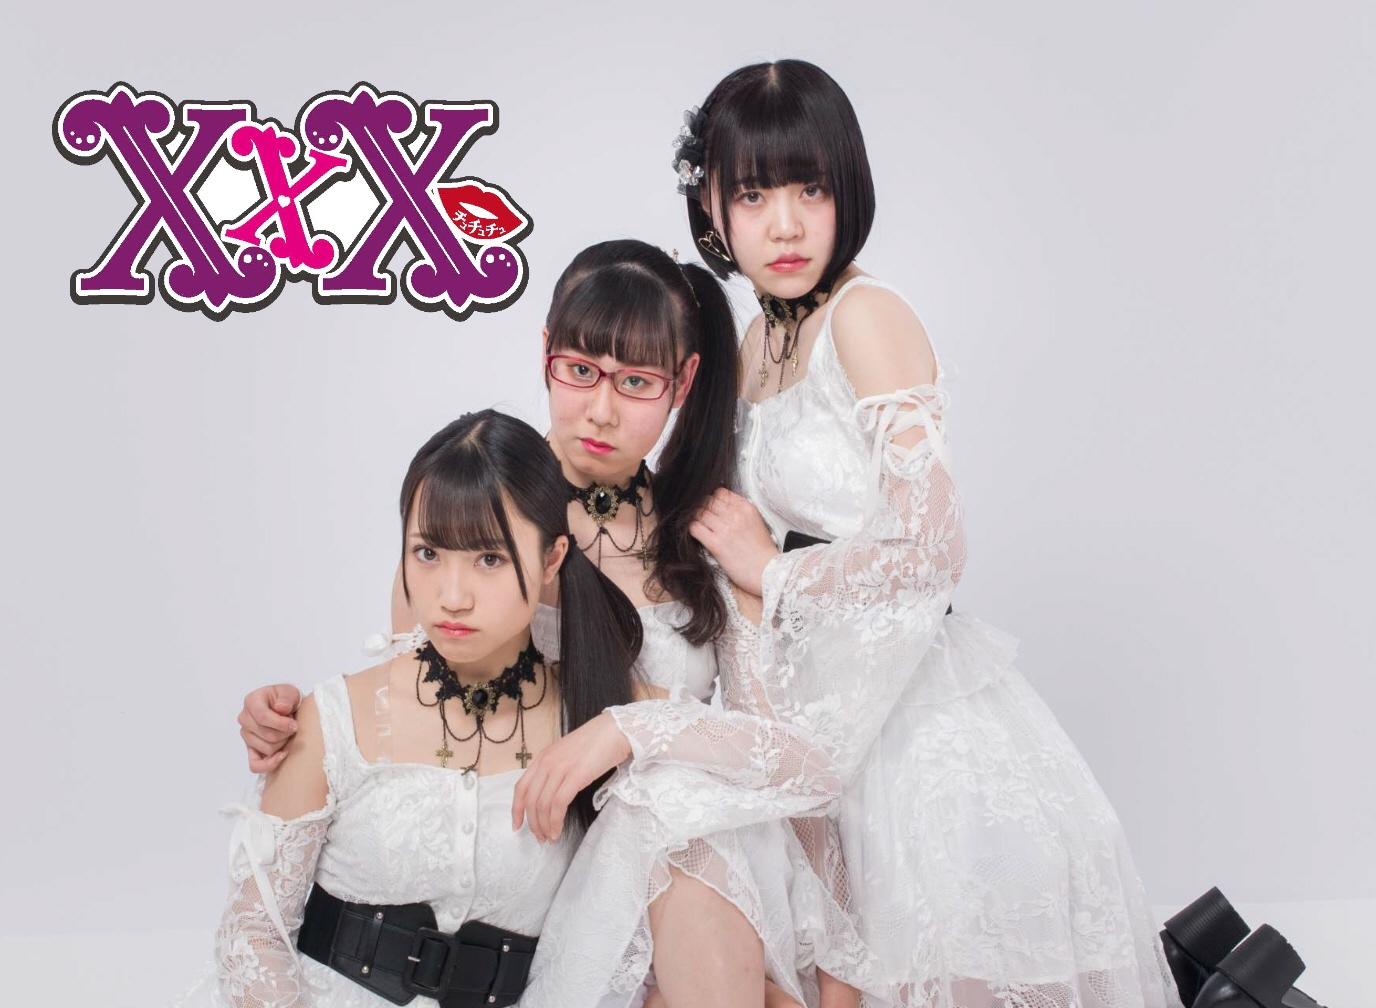 XXX(ちゅちゅちゅ)